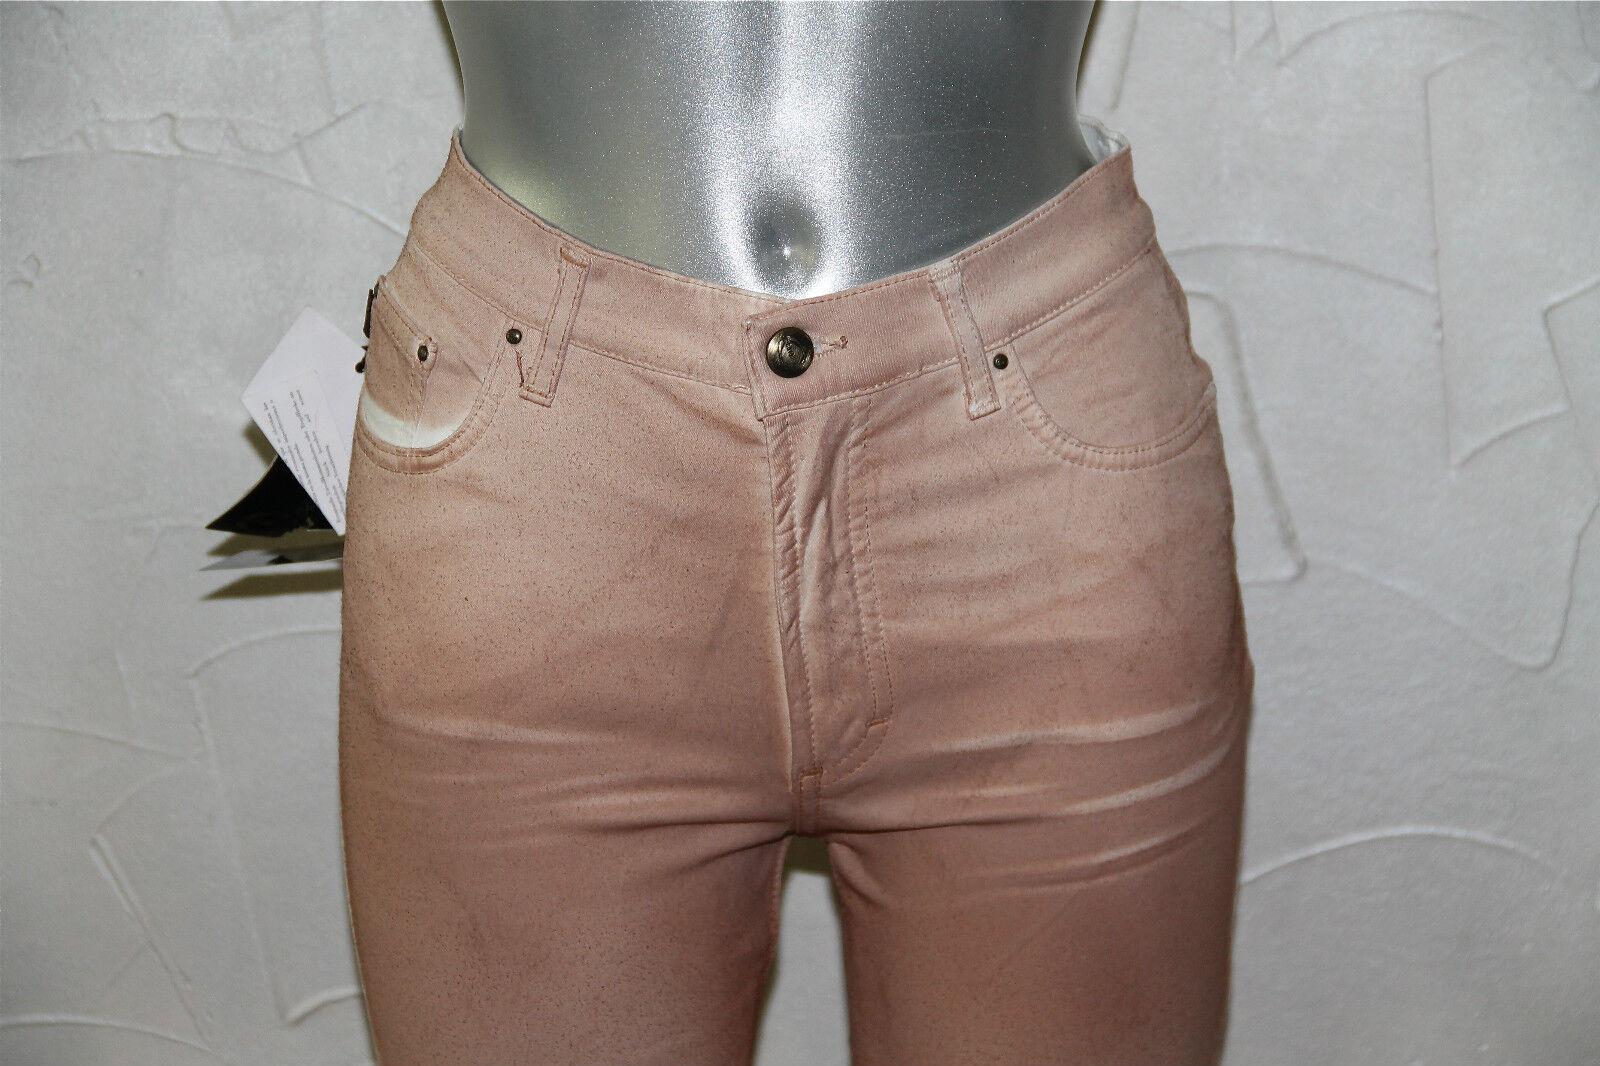 Bonito jeans pink resina women JUST CAVALLI (28) NUEVO CON ETIQUETA